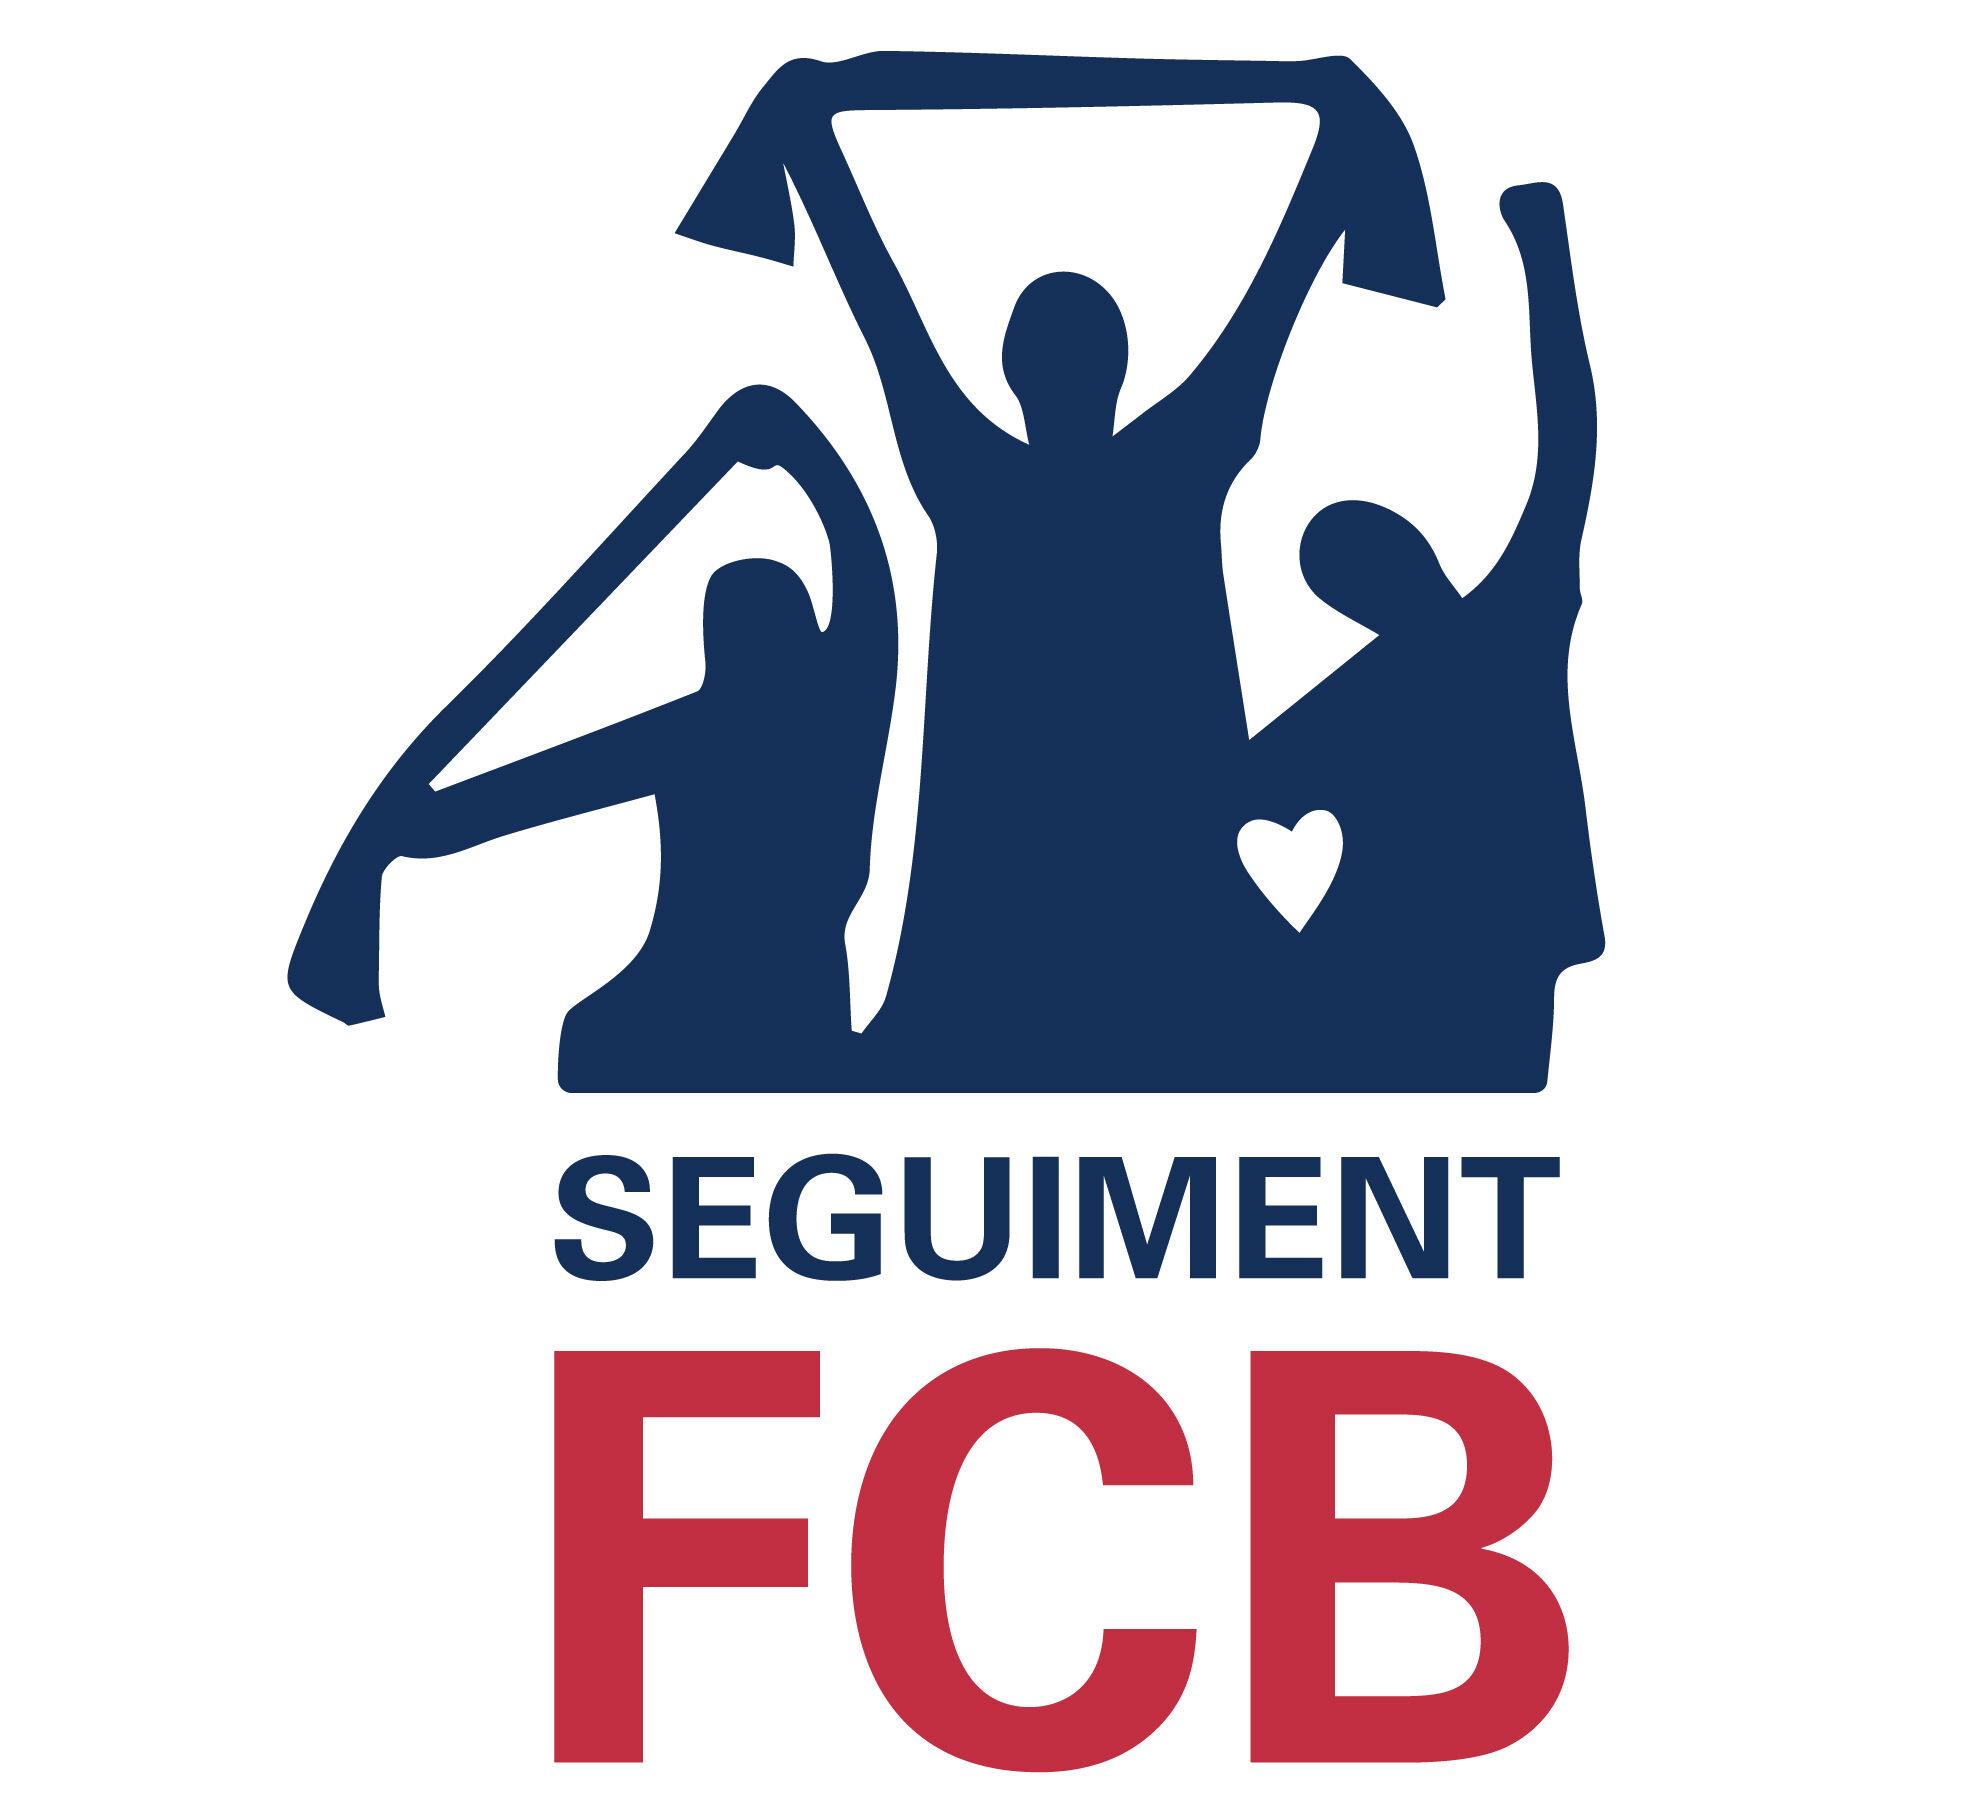 Seguiment FCB